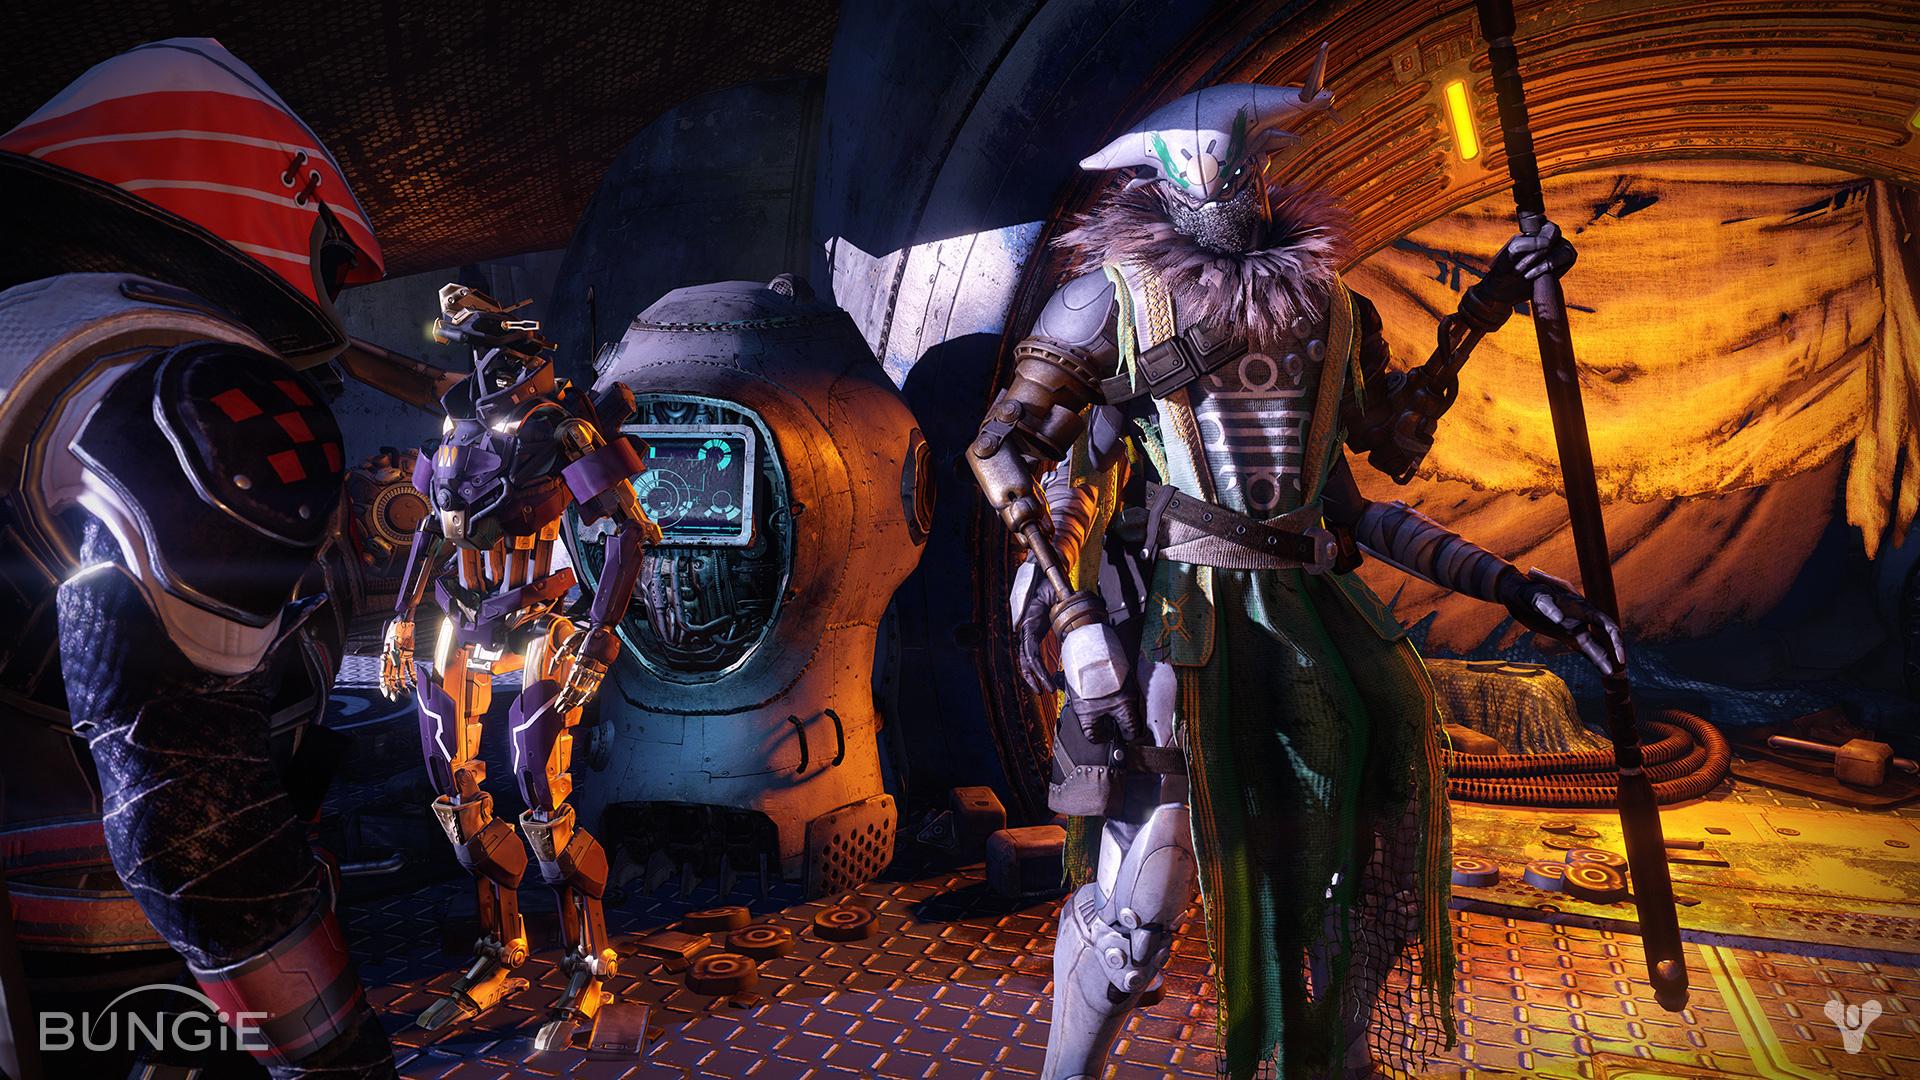 Eris Morn - Destinypedia, the Destiny encyclopedia